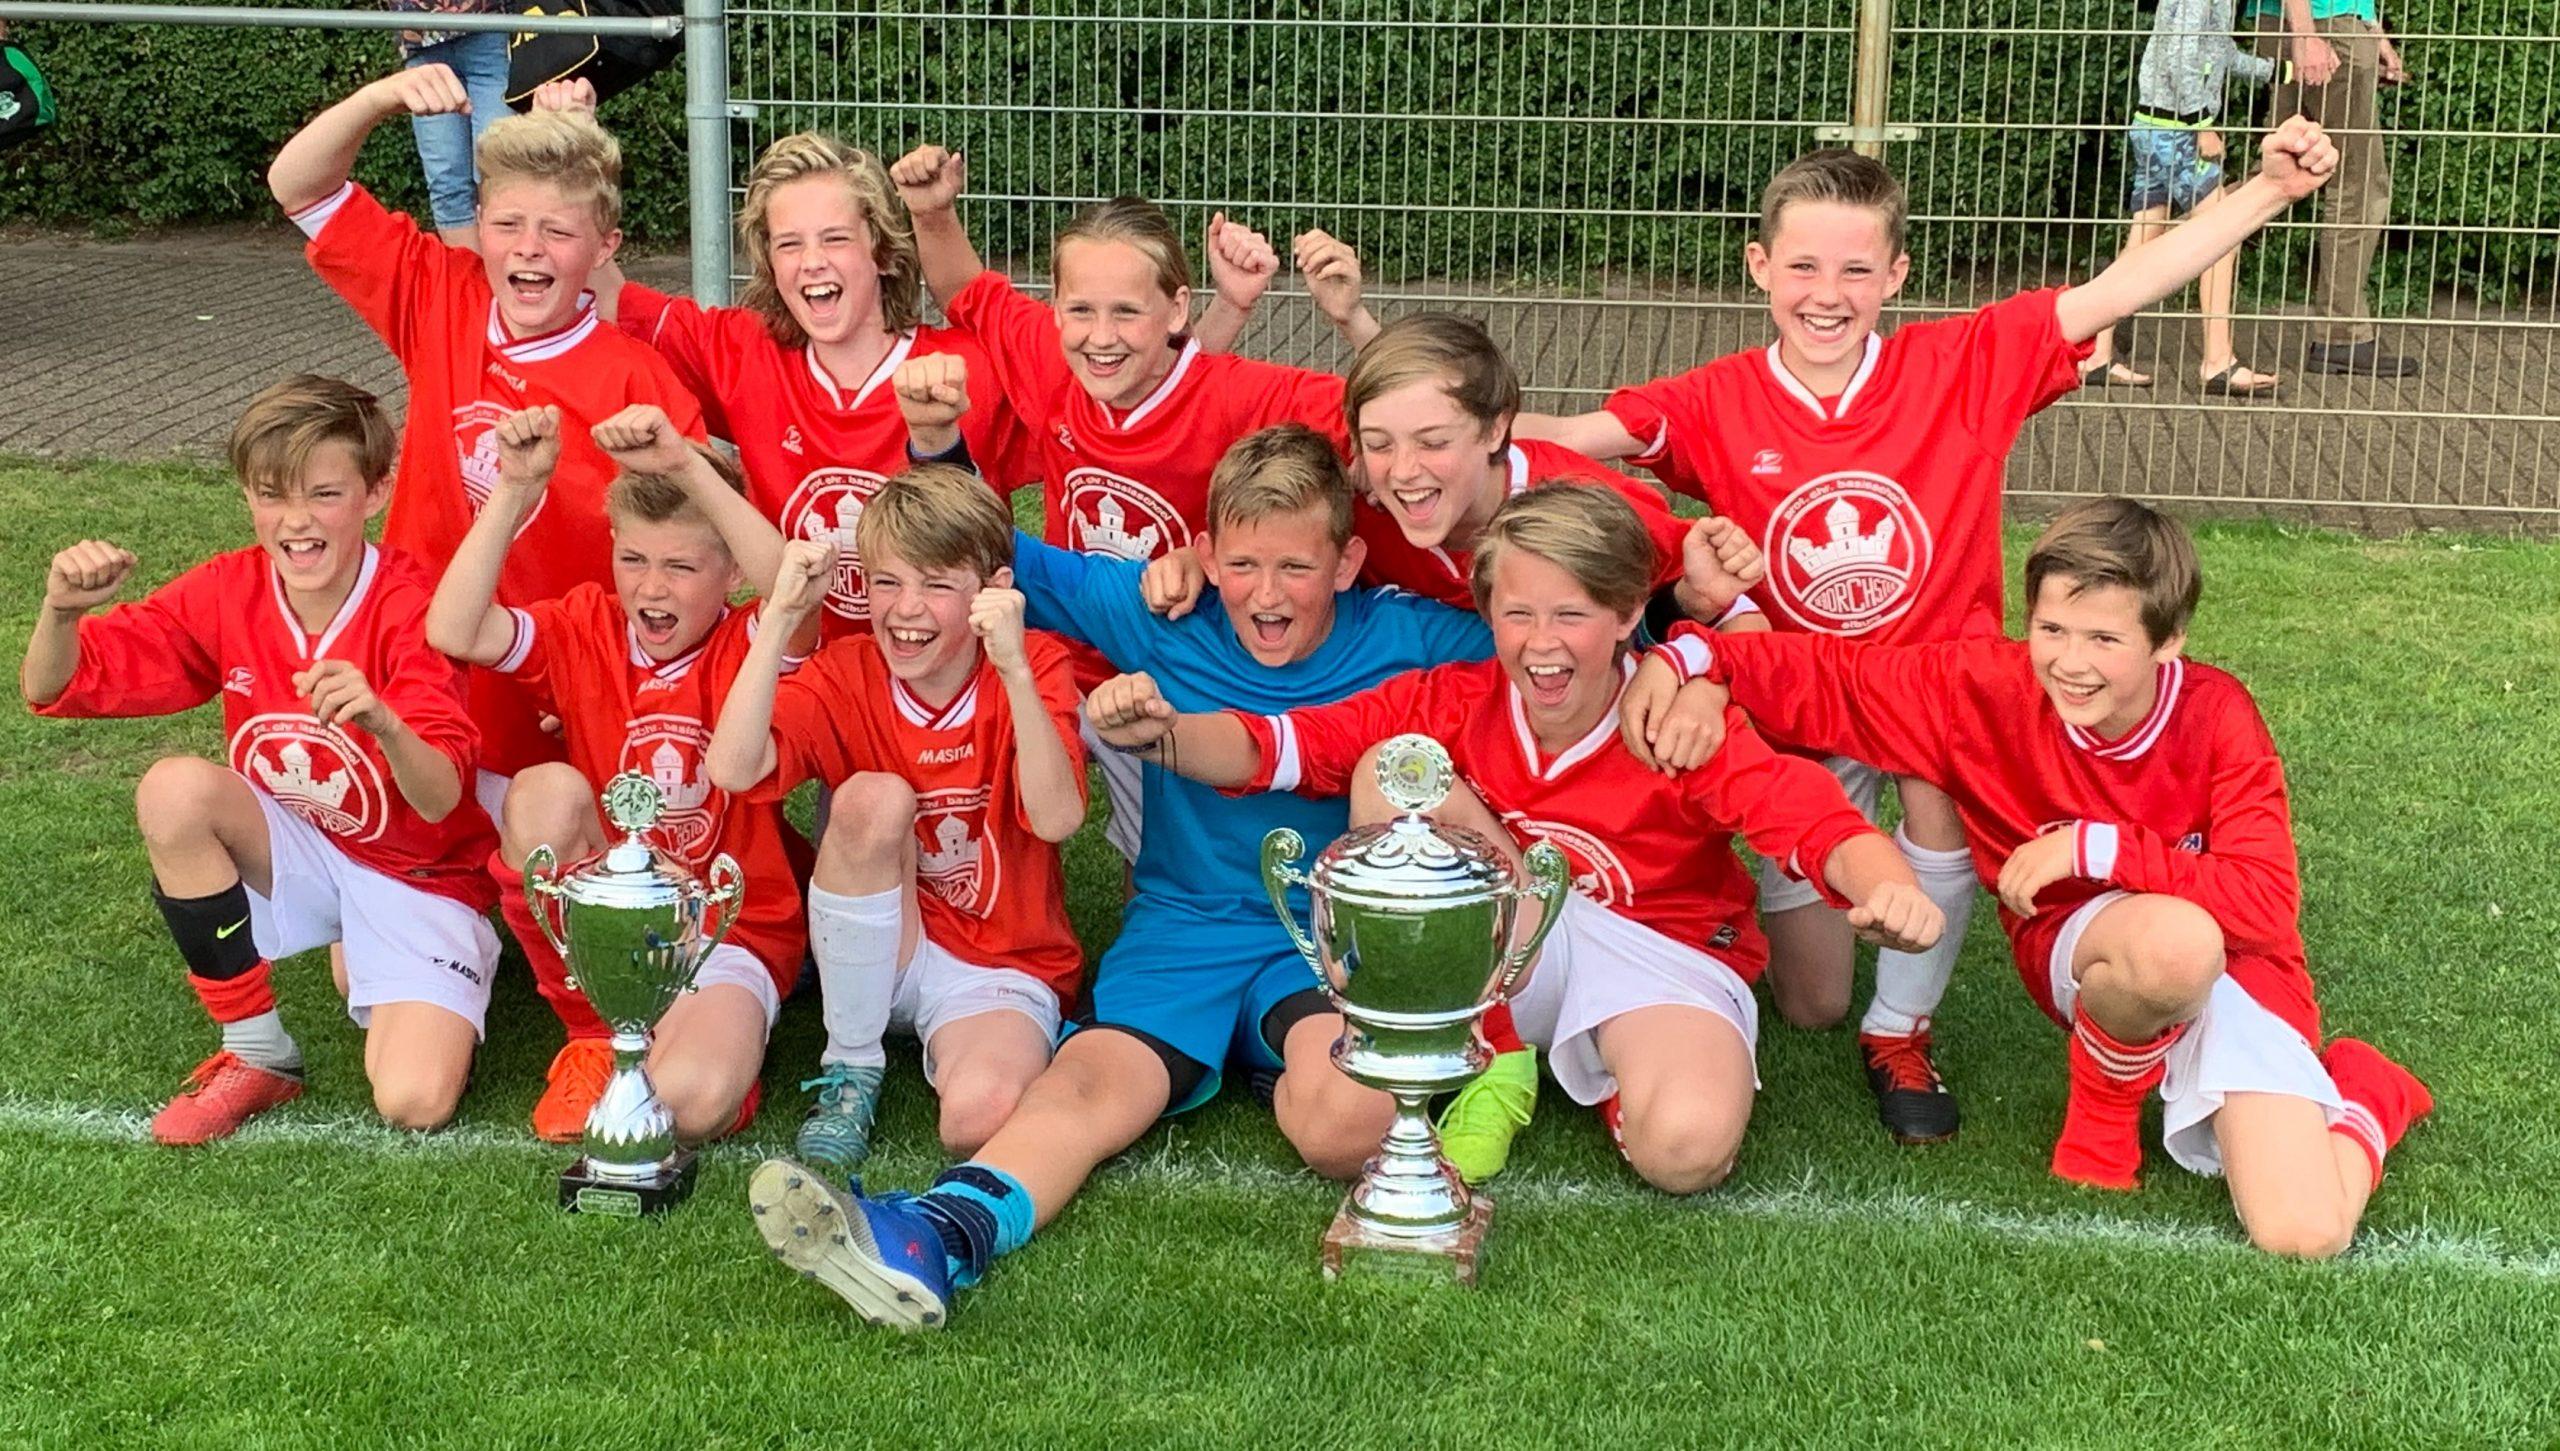 ESC spelers winnen jaarlijkse Rabobank Schoolvoetbaltoernooi in Oosterwolde - Elburger SC